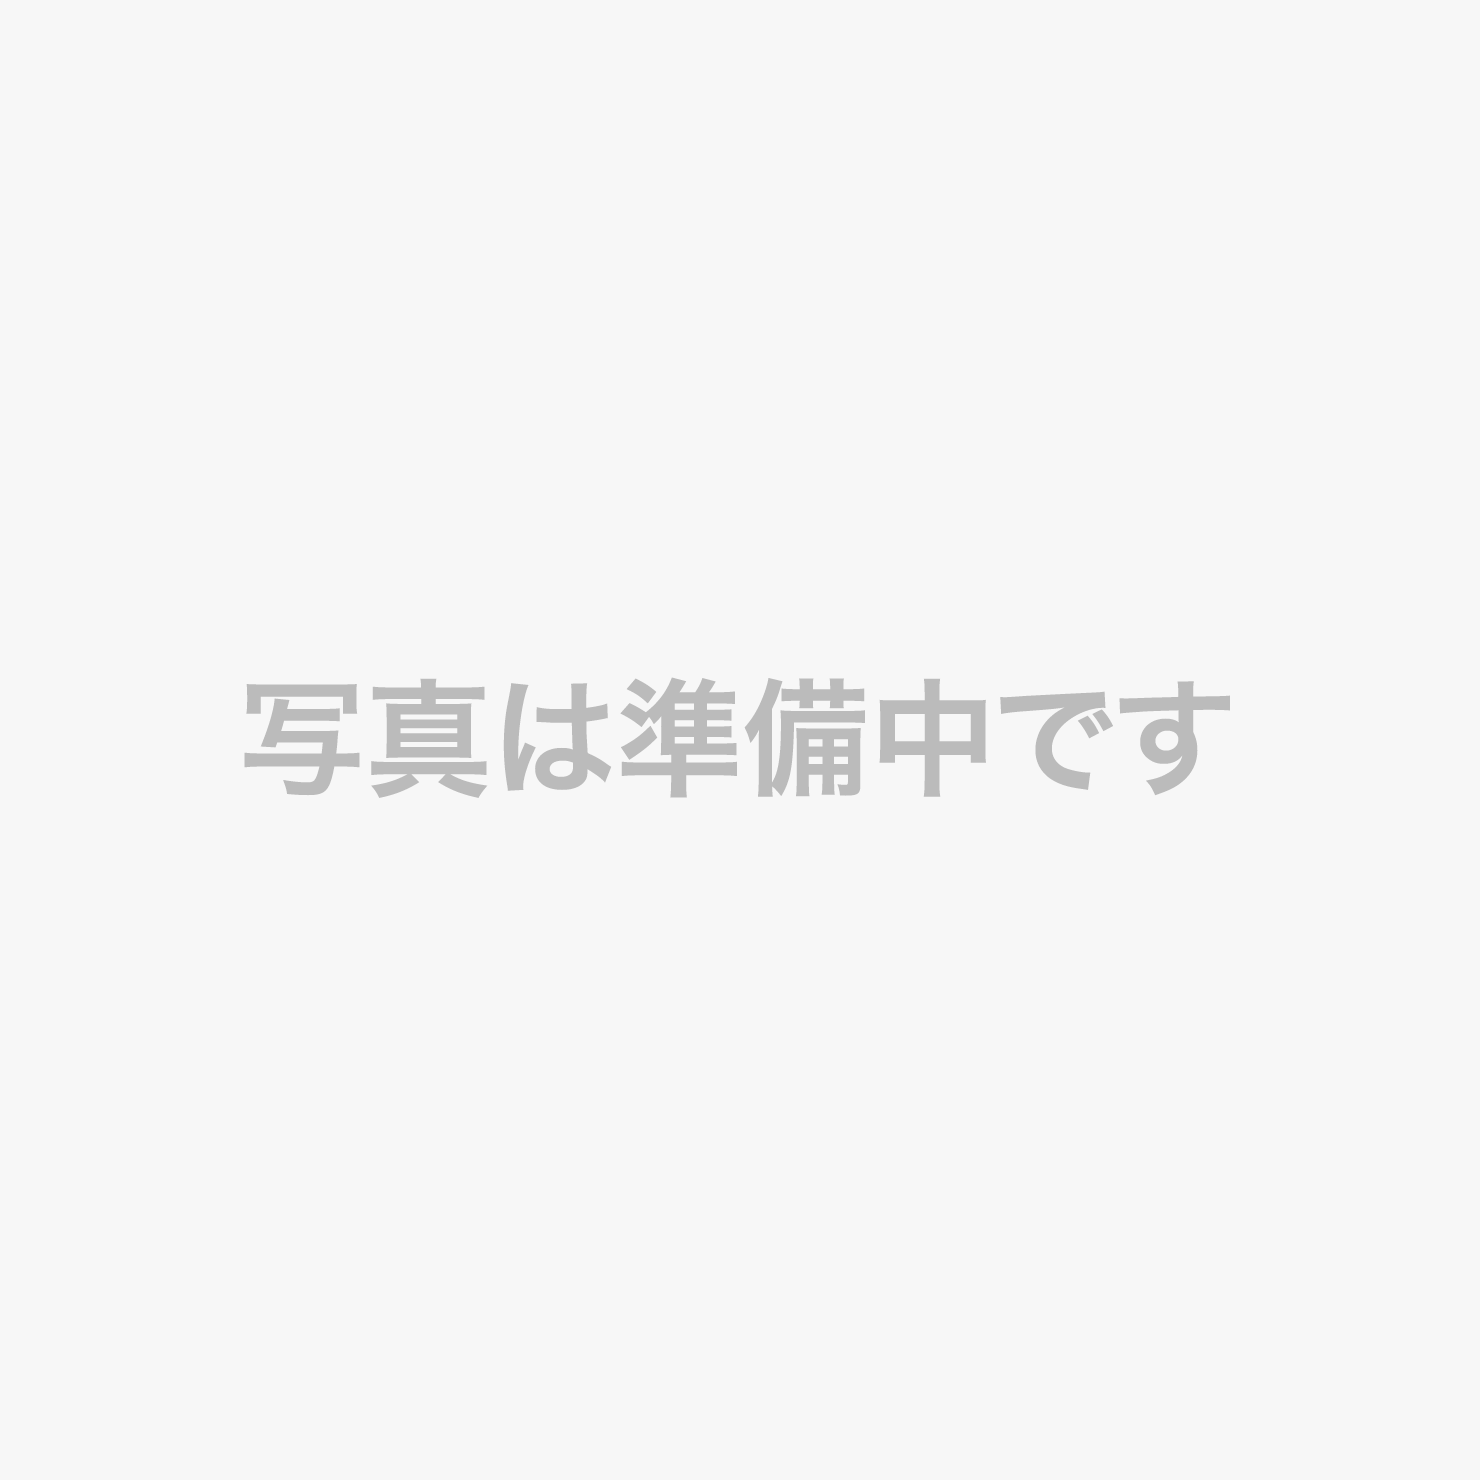 スーペリアシングル京都の落ち着いた雰囲気をチャコールグレーと濃紺ストライプで表現しました。濃茶色の家具と天井の薄蒼との組み合わせが、シックなアクセントになっています。ルームサイズ|20平米 ベッドサイズ|140×203